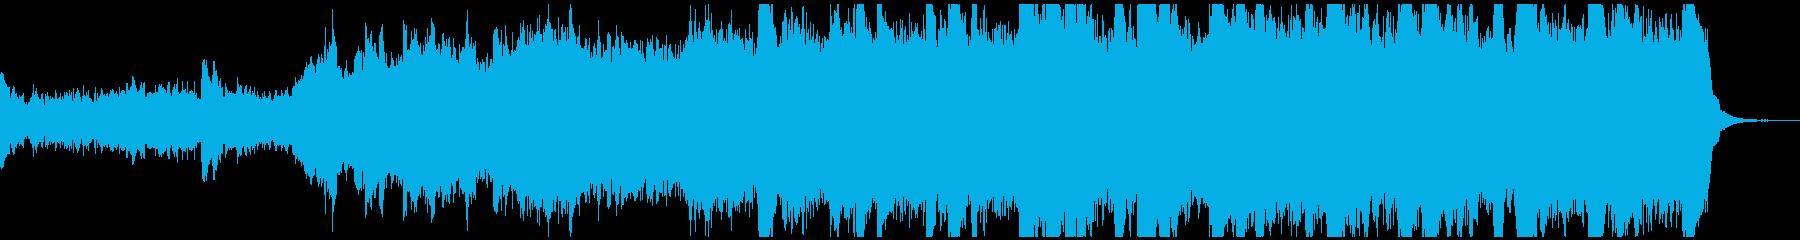 薄気味悪い、不気味な気配の音楽の再生済みの波形